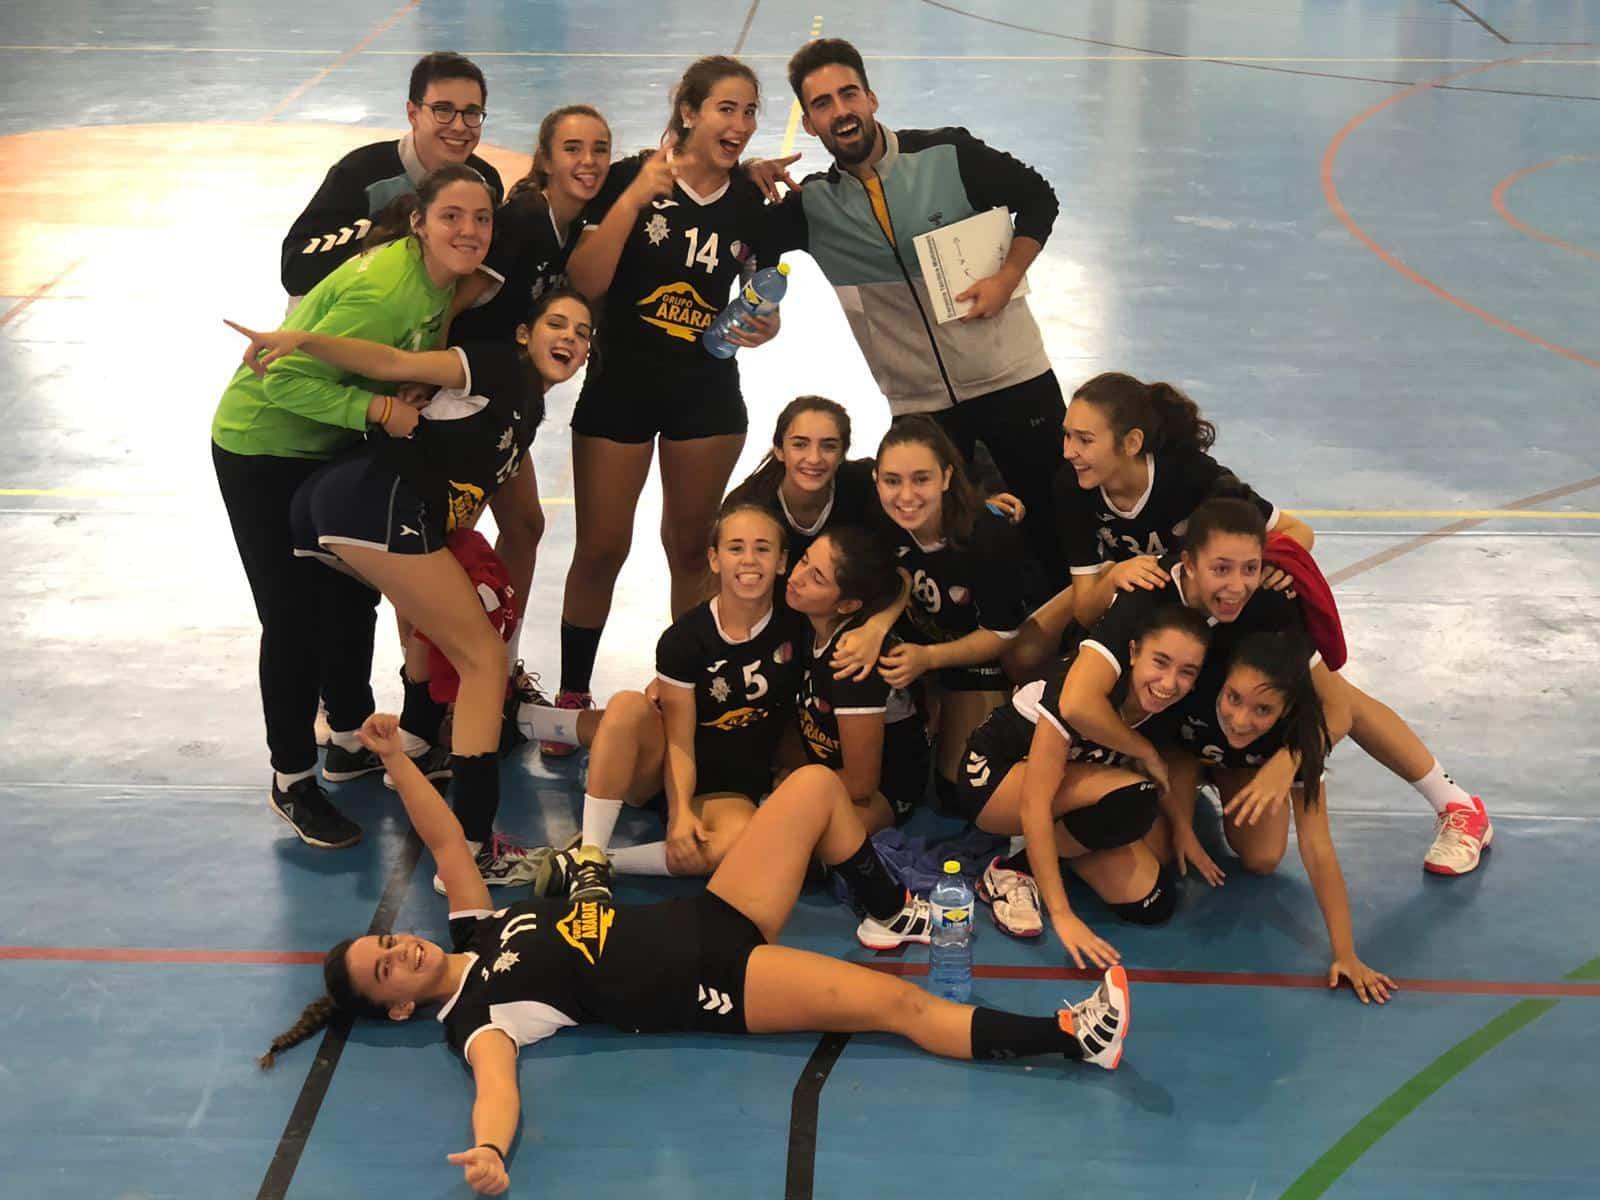 juvenil femenino herencia terceras copa diputacion - Juvenil Femenino de Balonmano terceros en la Copa Diputación